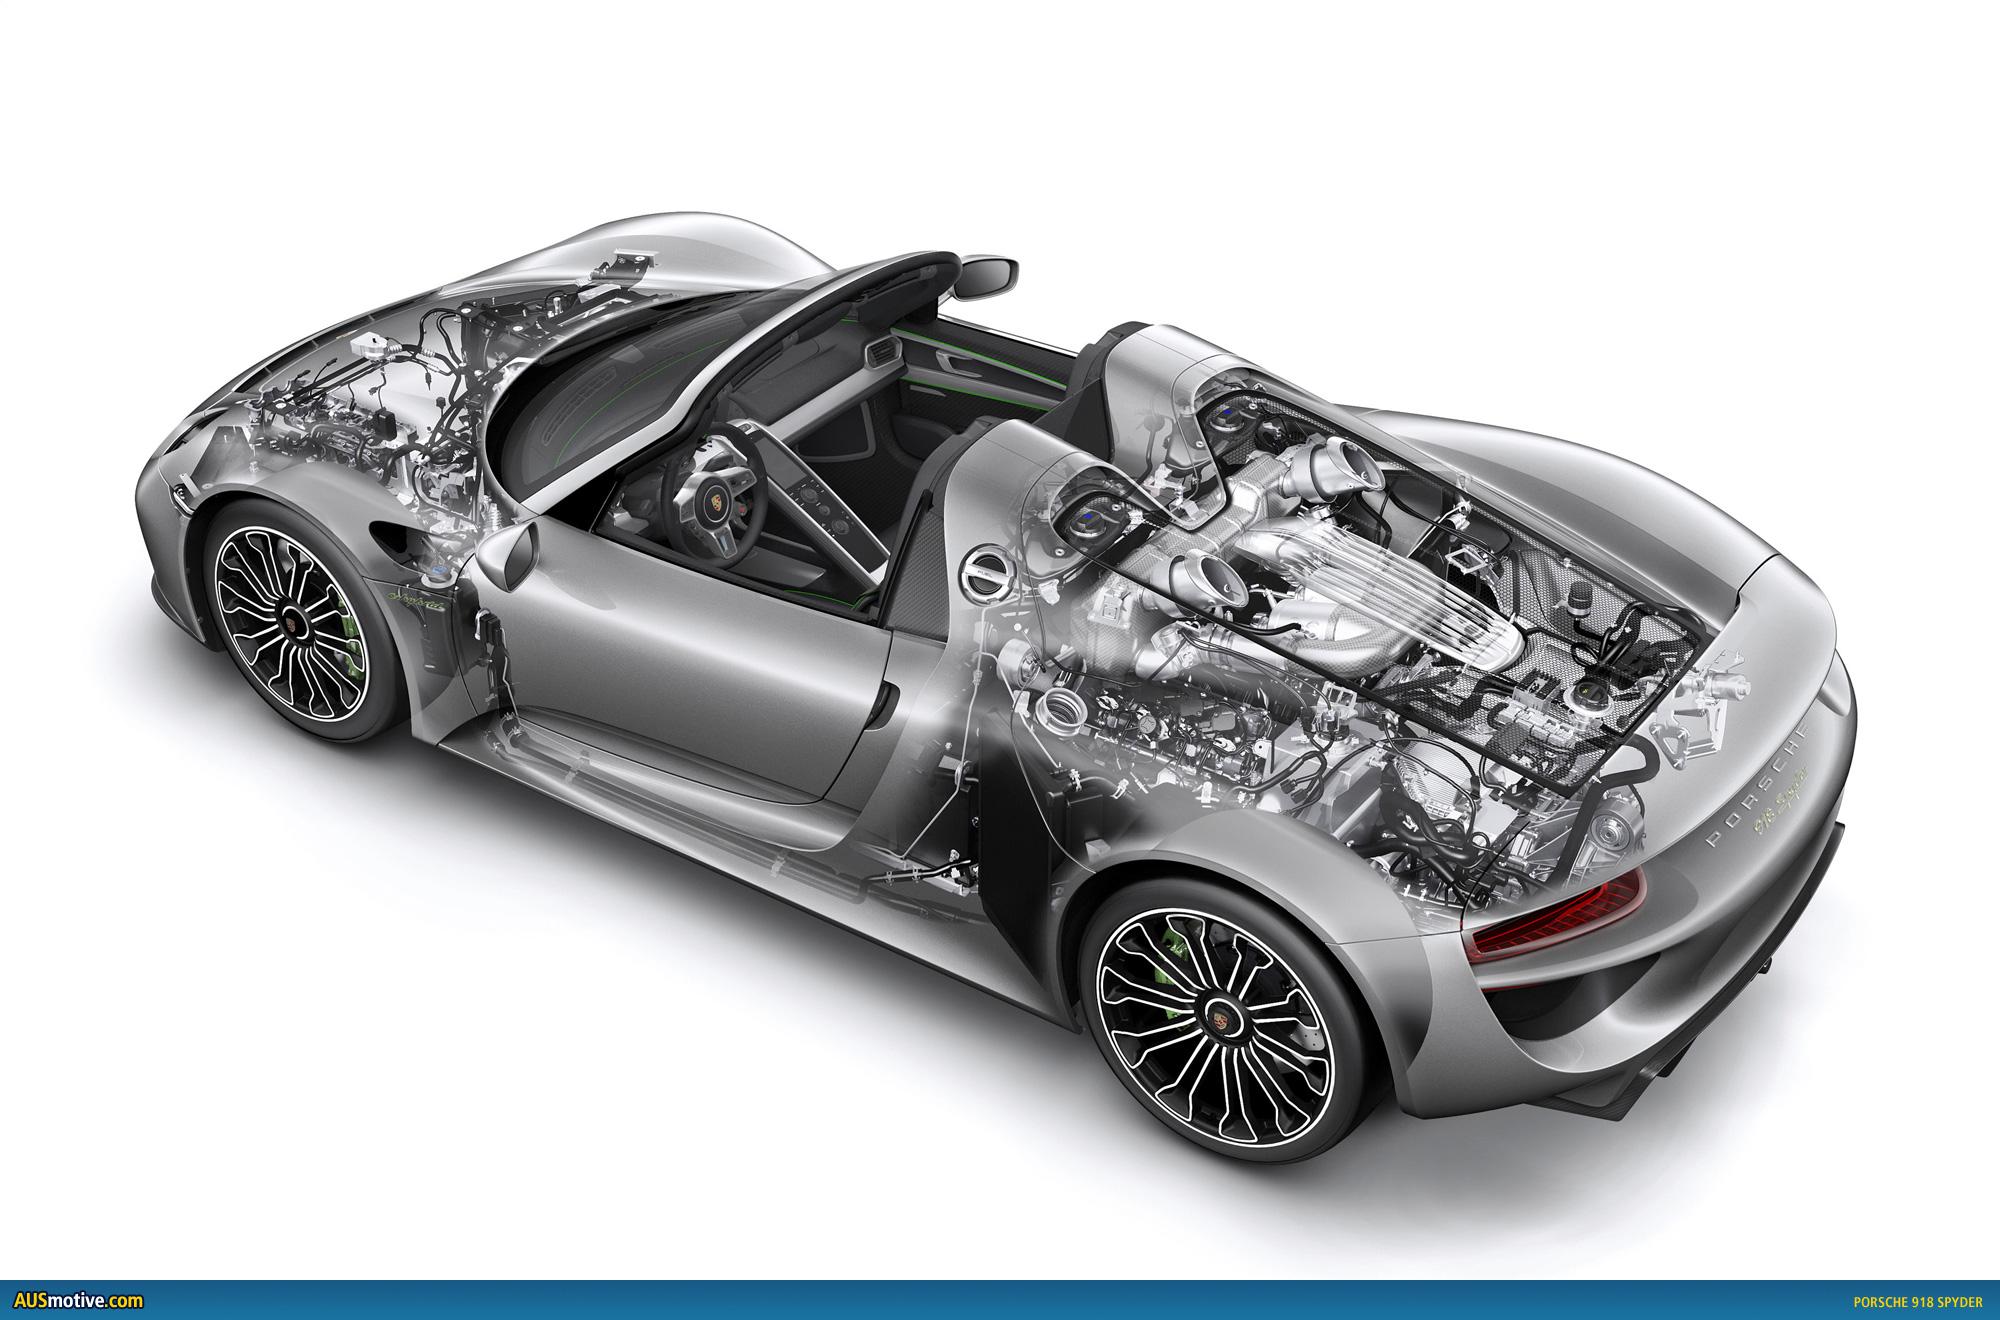 Porsche-918-Spyder-04 Wonderful Porsche 918 Spyder Engine sound Cars Trend